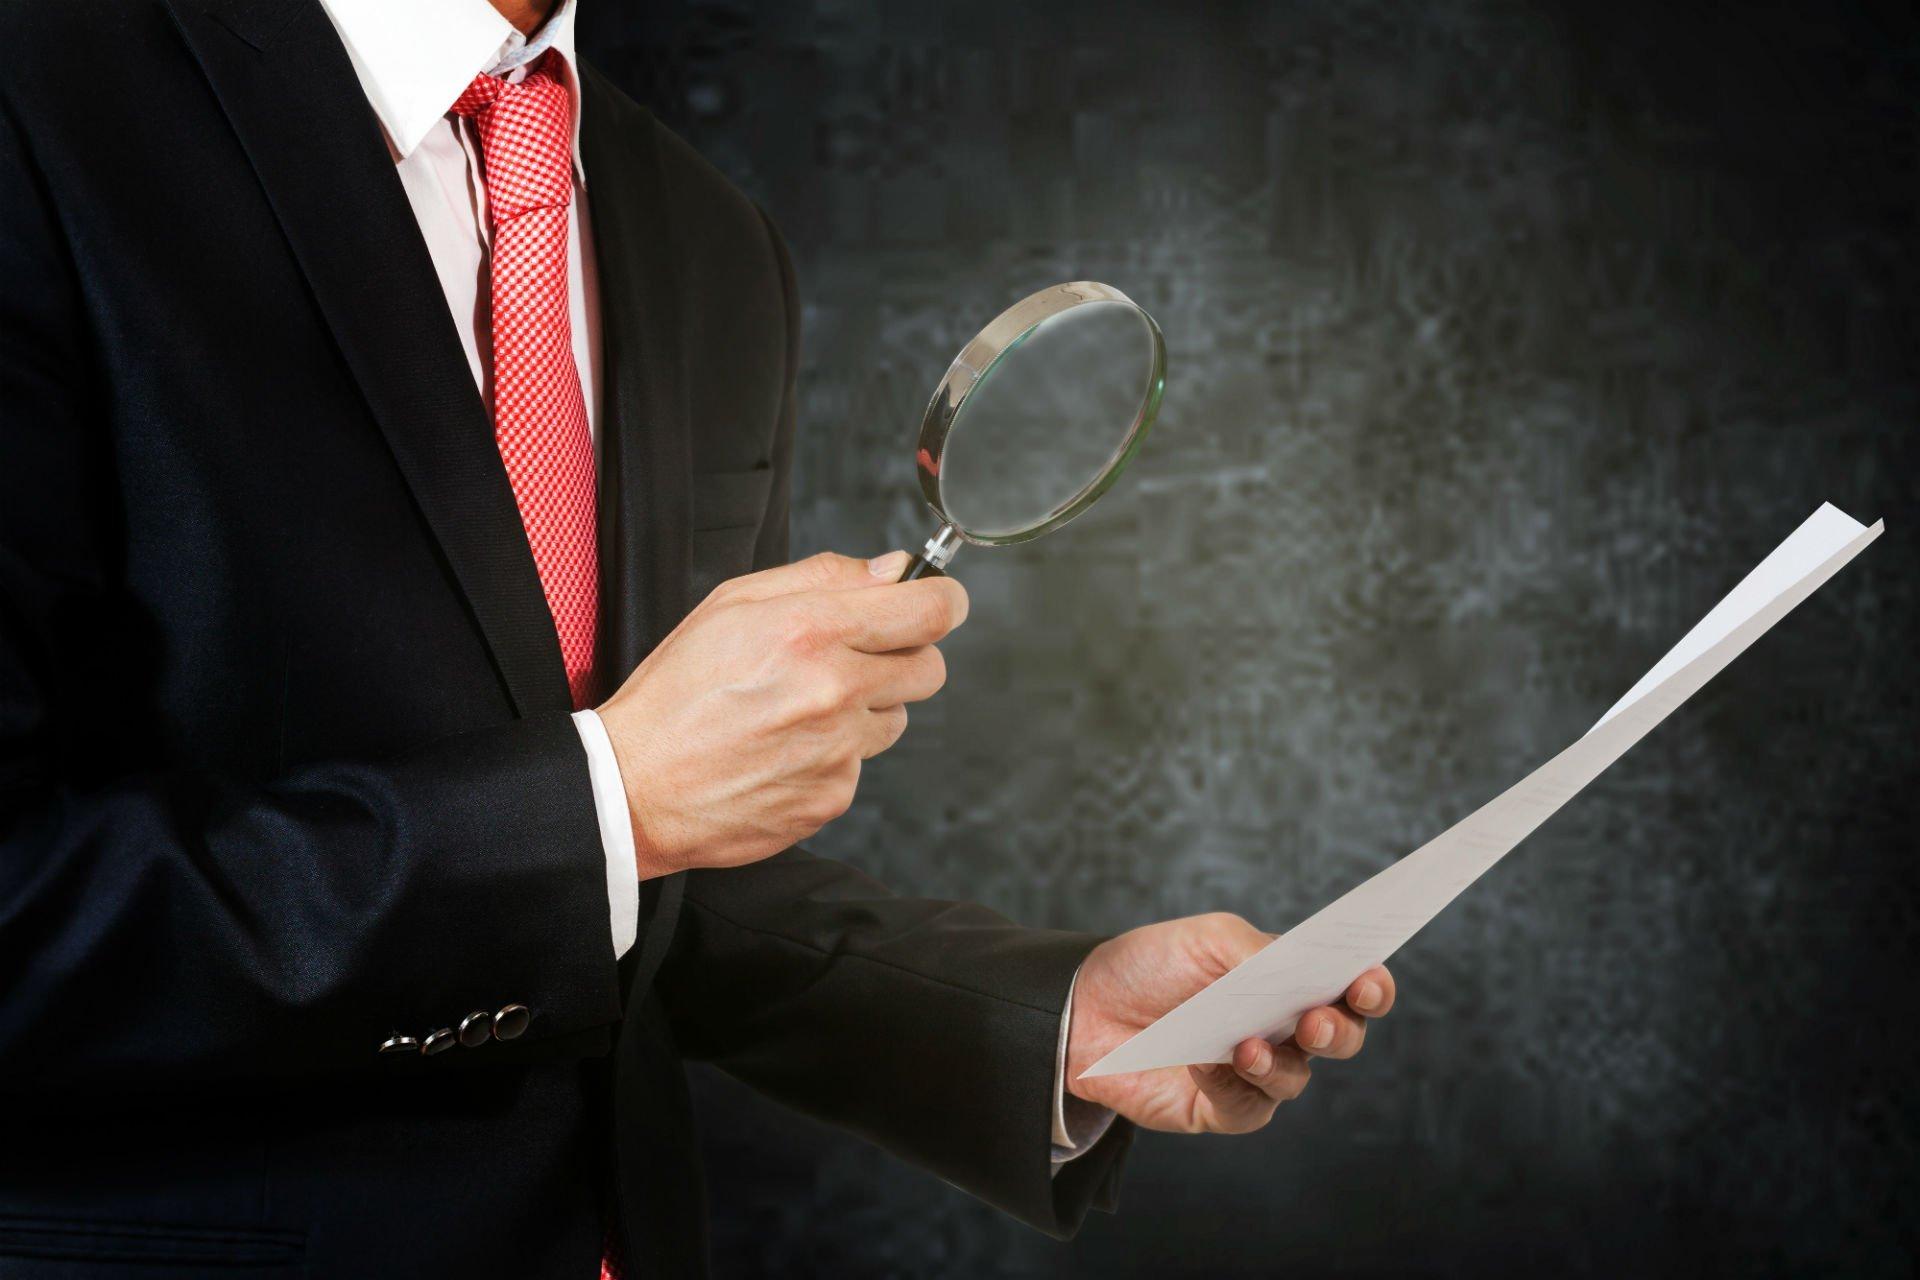 un uomo con una lente di ingrandimento e un foglio in mano